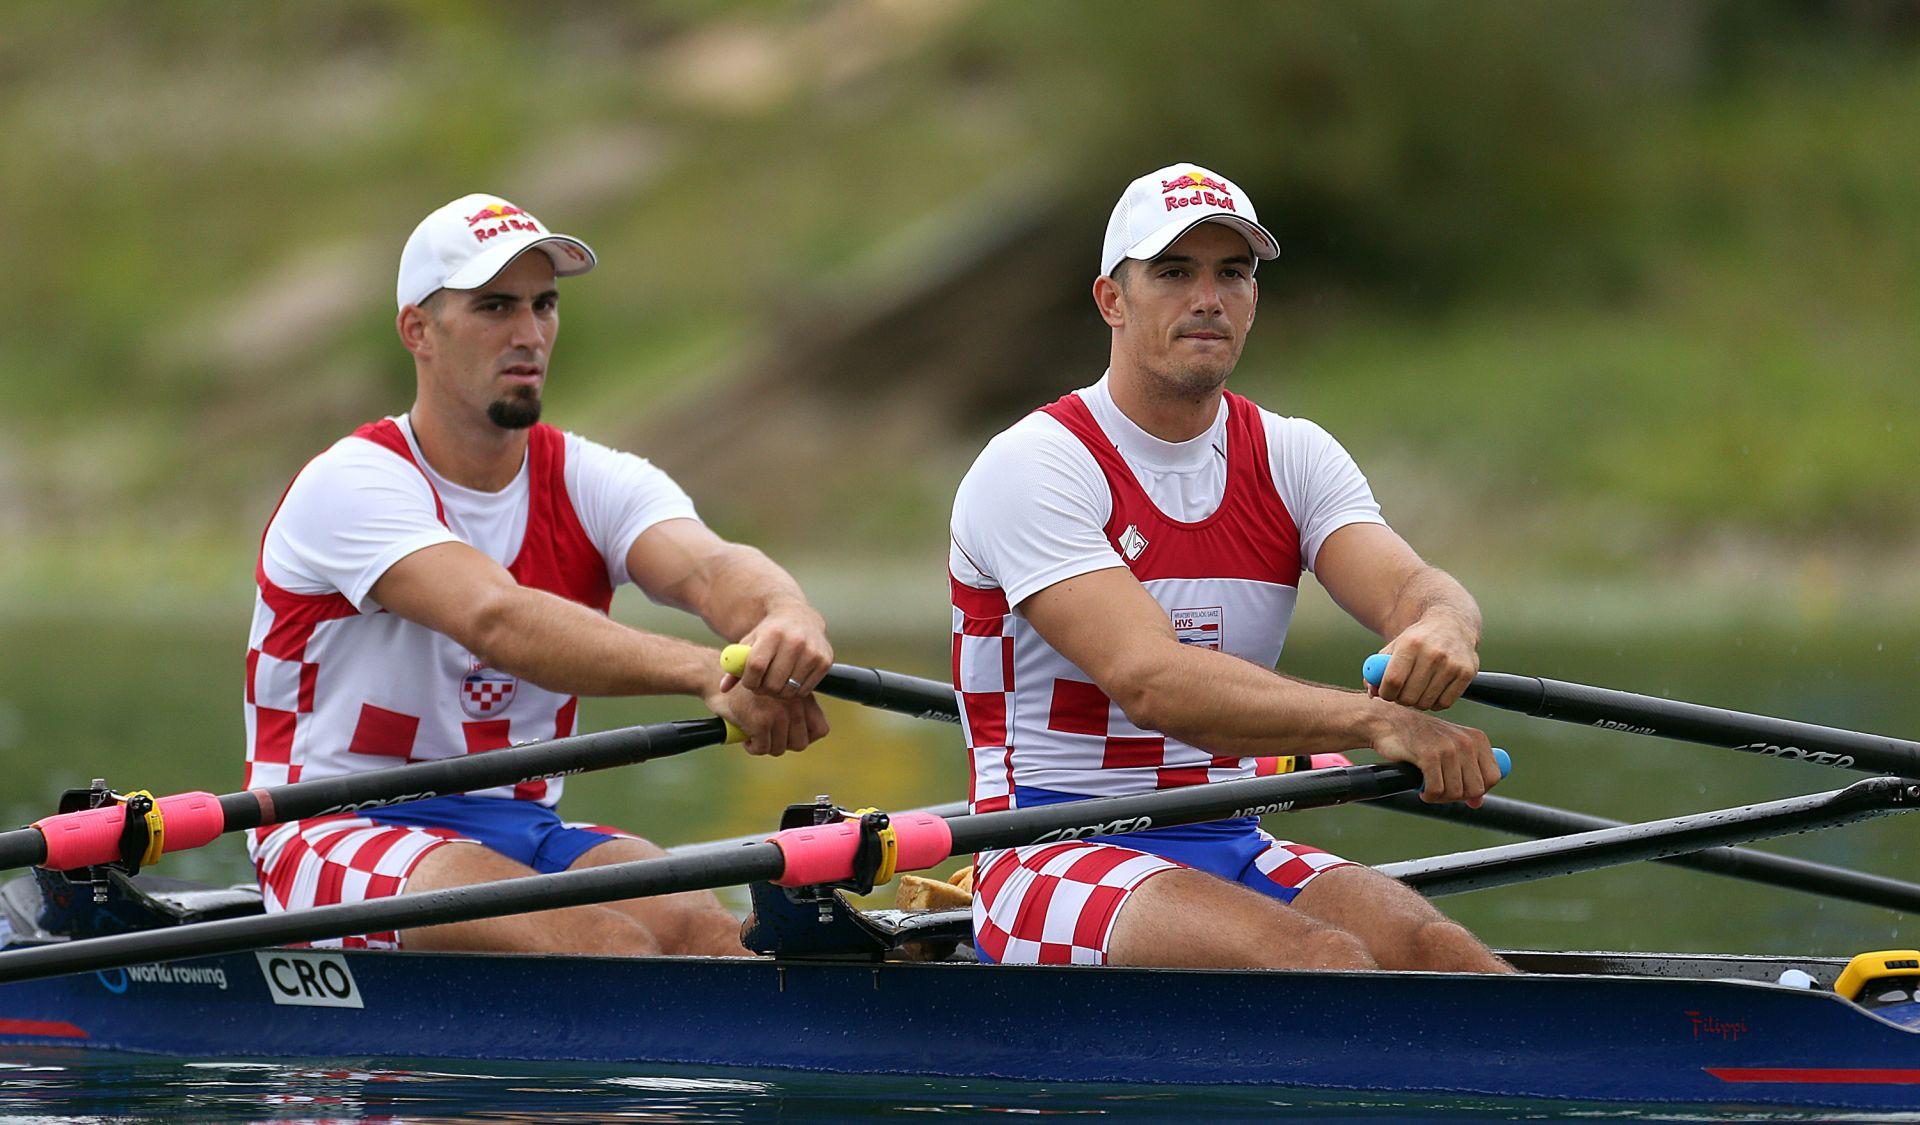 DVOJAC NA PARIĆE Braća Sinković obranili naslov svjetskih prvaka